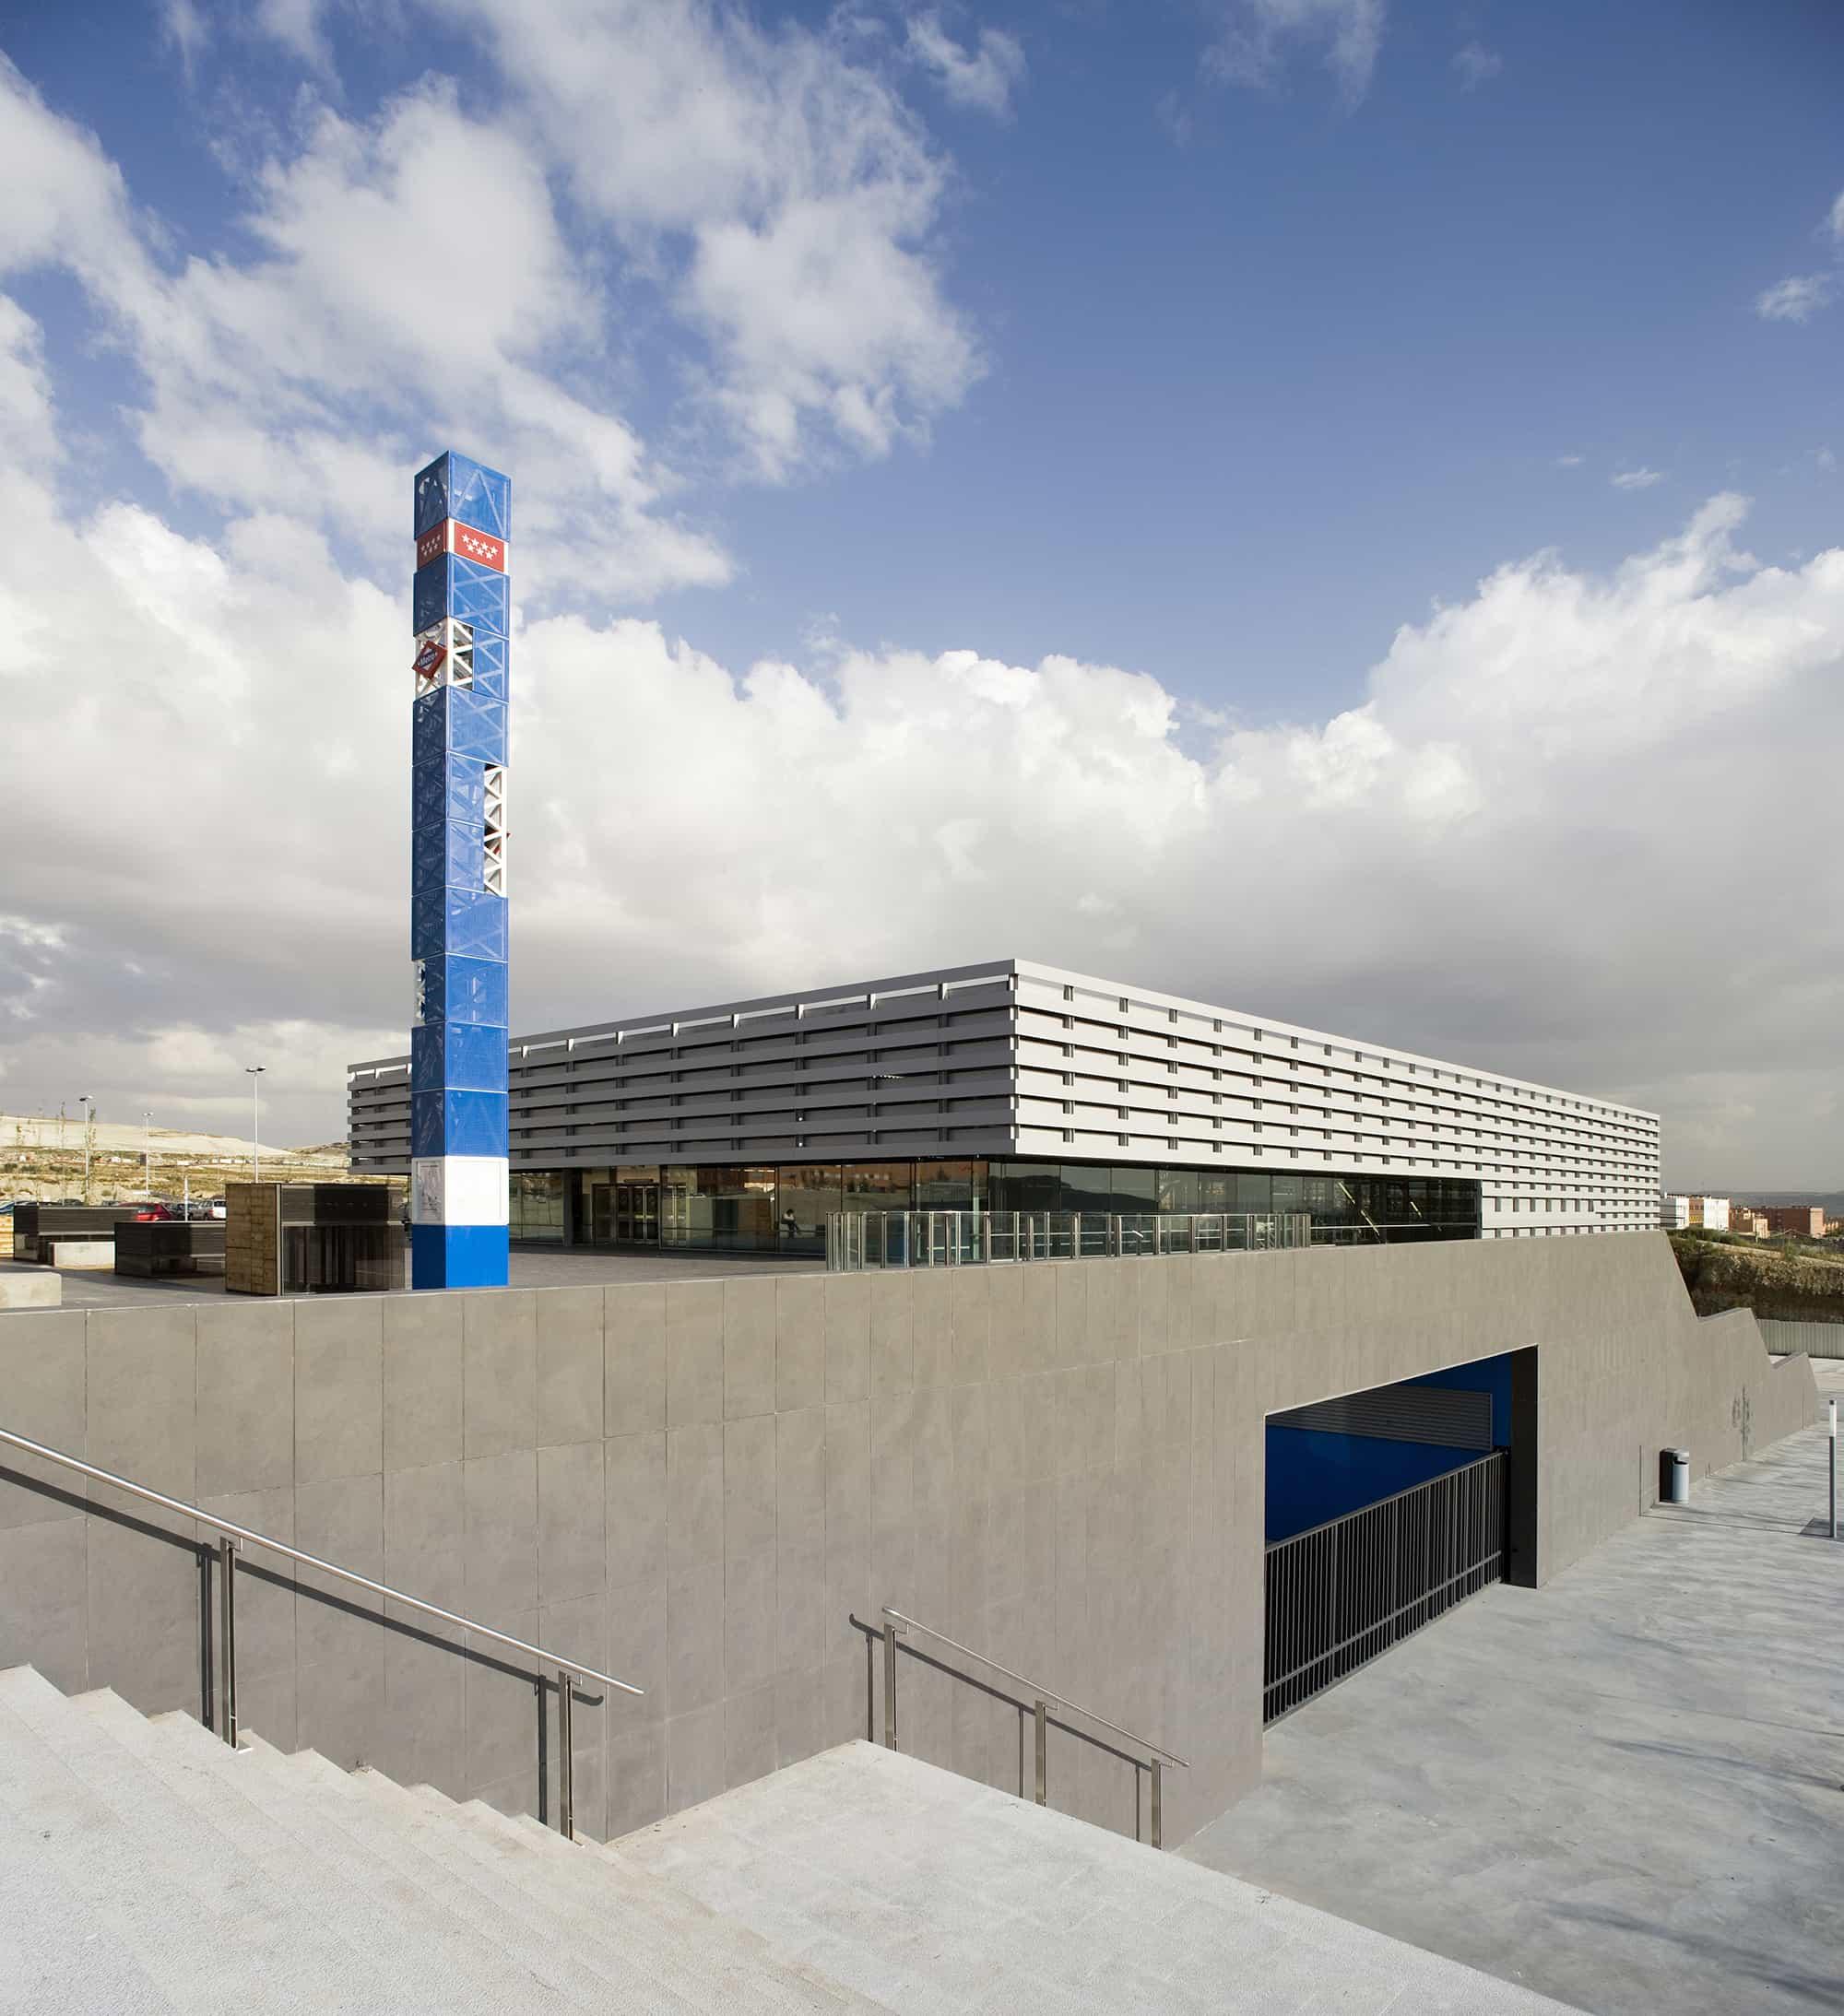 Estación METRO de Madrid - arquitectura transporte - Estación METRO de MADRID_LGV+LANDINEZ+REY   equipo L2G arquitectos, slp [ eL2Gaa ]